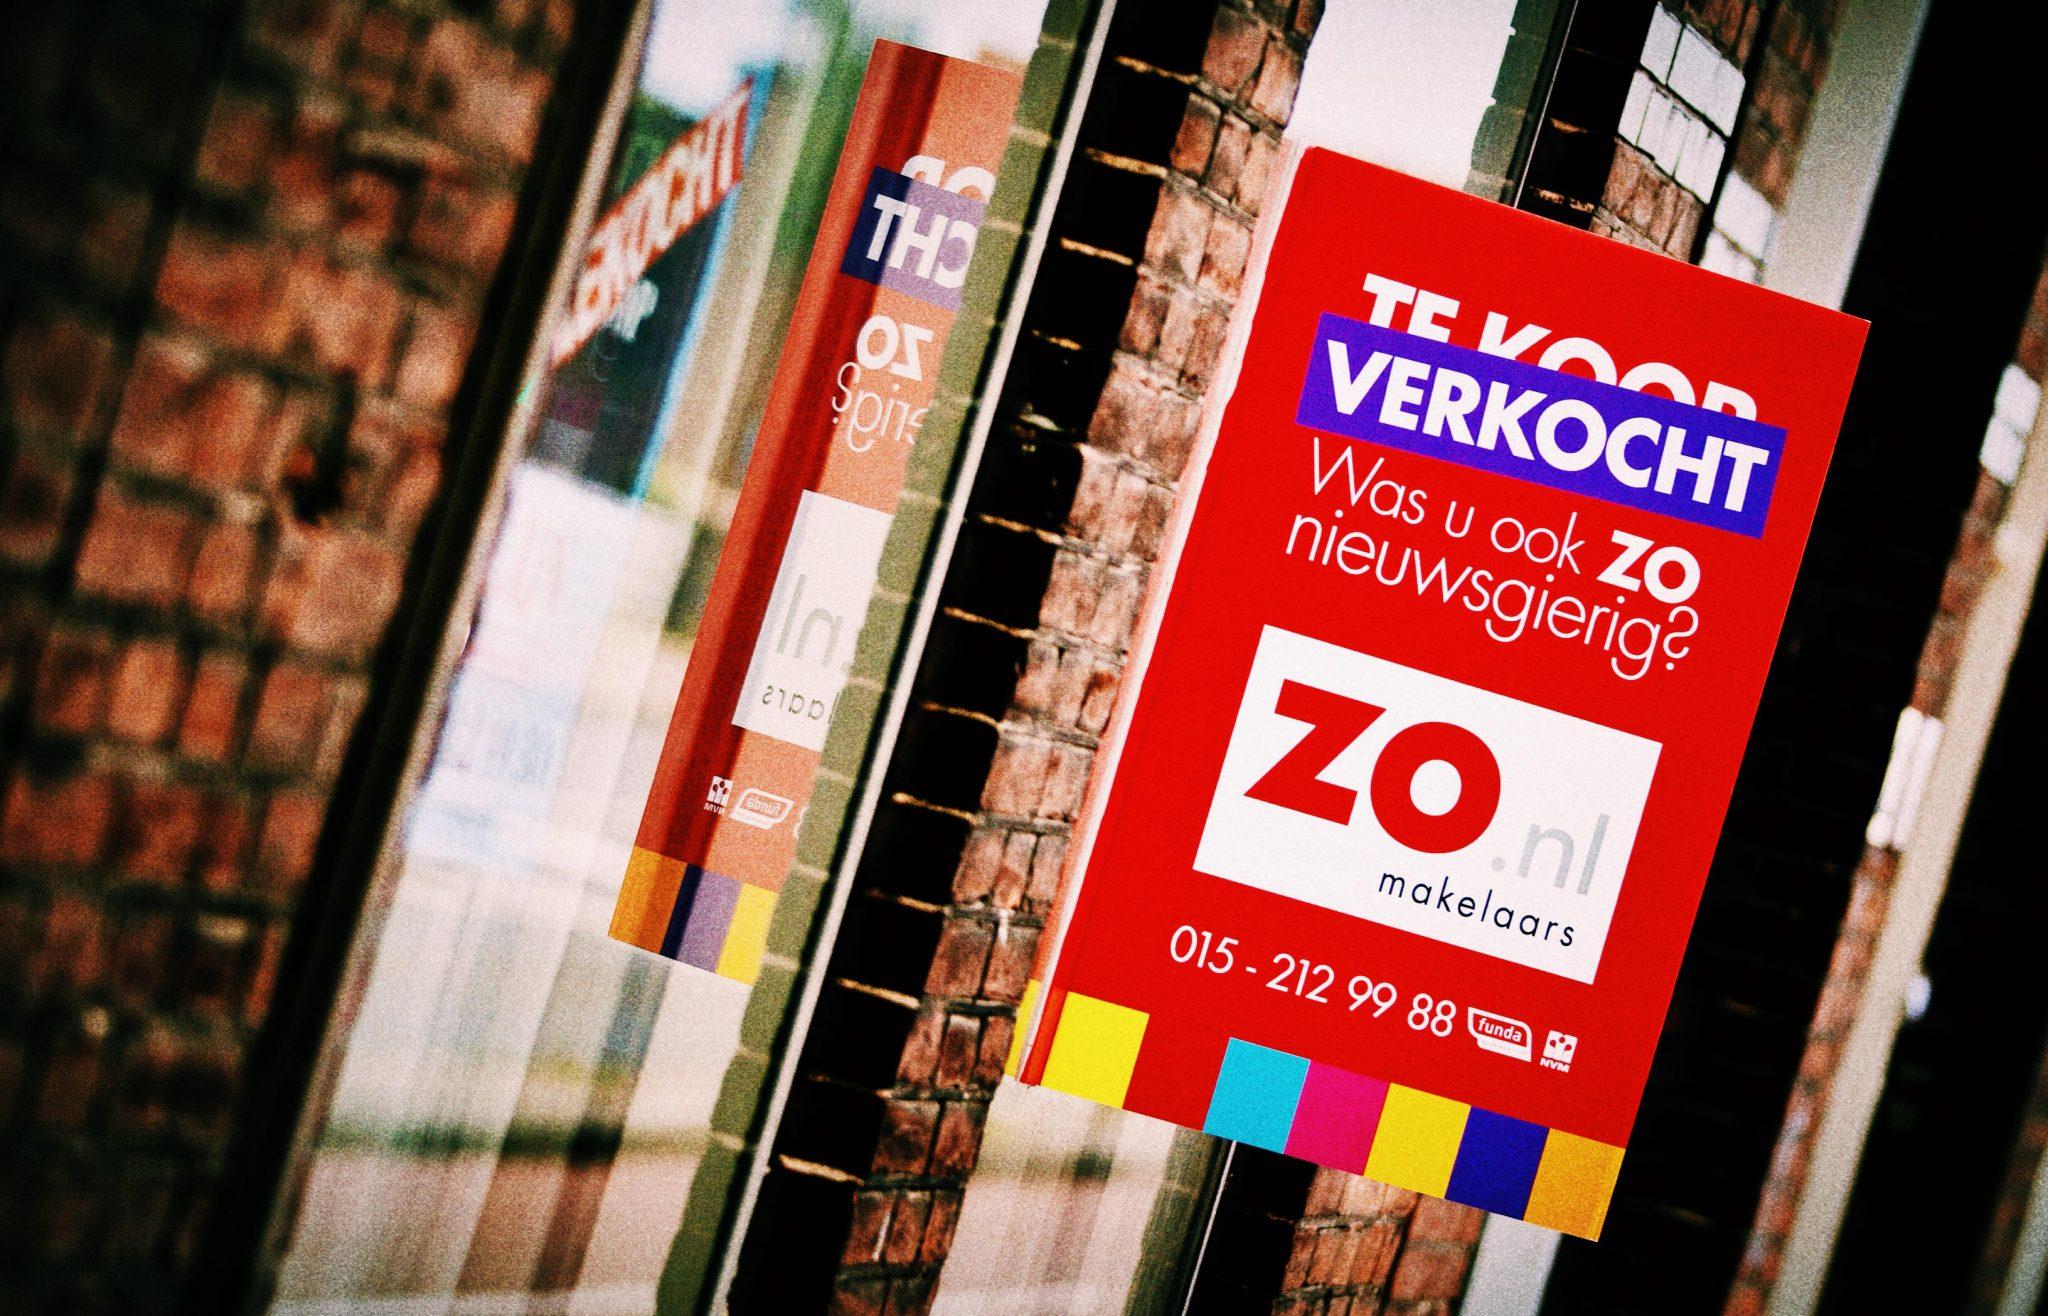 ZO.nl best beoordeelde makelaar